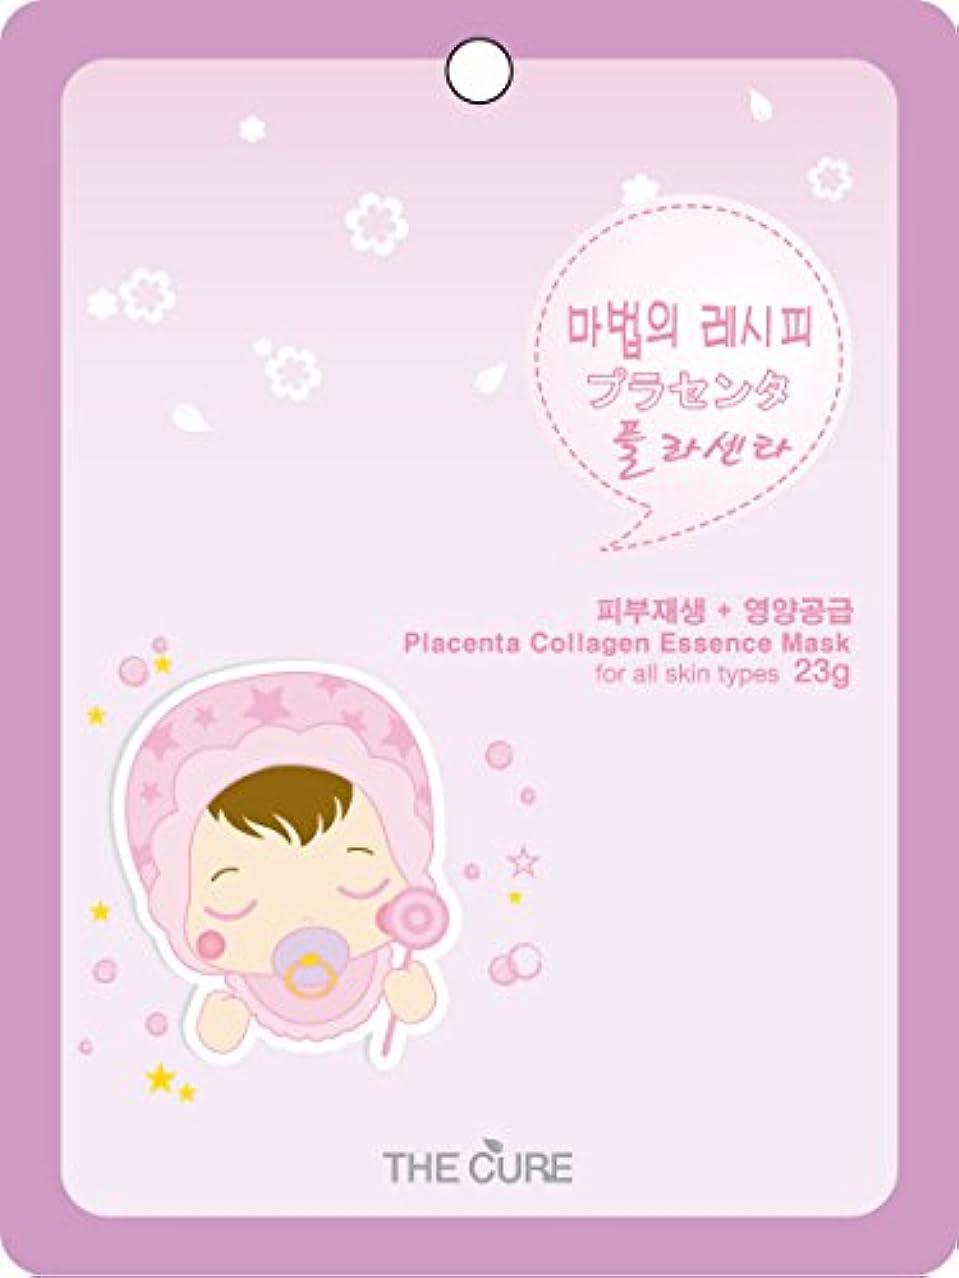 寄り添う額呼吸するプラセンタ コラーゲン エッセンス マスク THE CURE シート パック 100枚セット 韓国 コスメ 乾燥肌 オイリー肌 混合肌